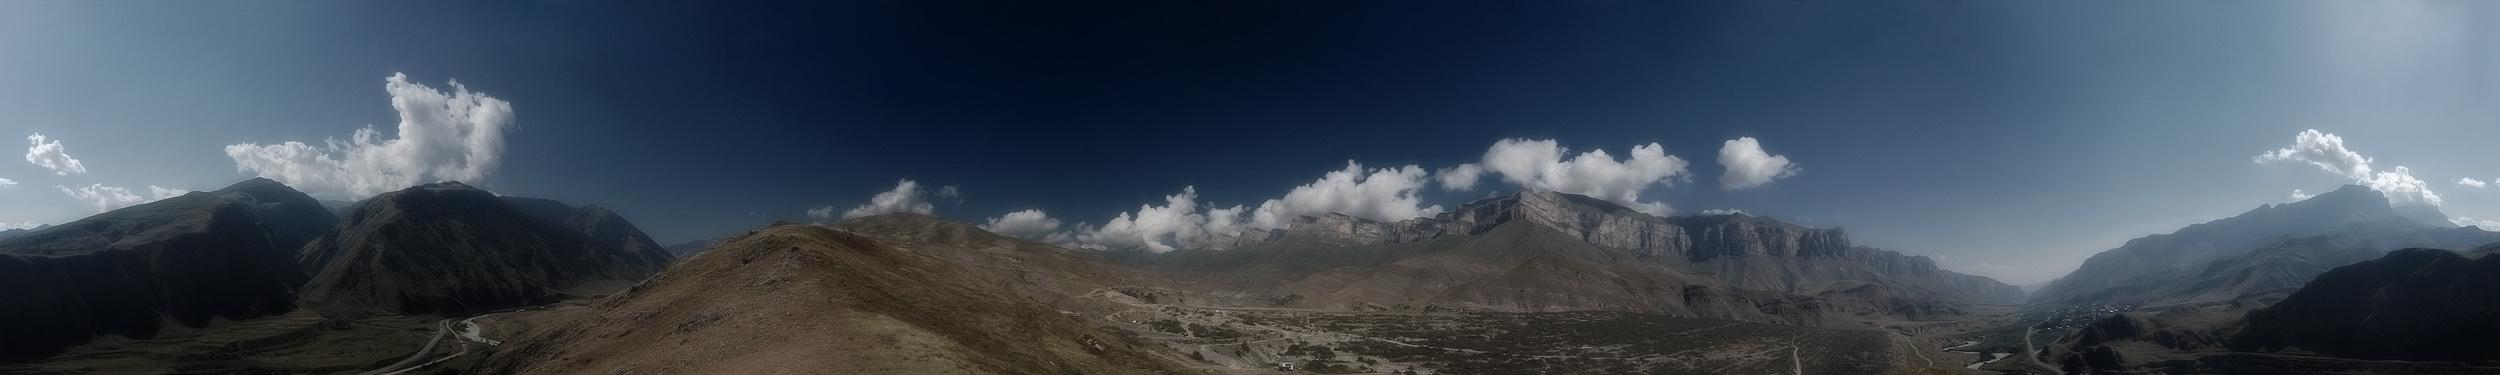 Кабардино-Балкария, Баксанское ущелье, близ г.Тырныауз. 360* градусная панорама из не помню скольки снимков.Приятного просмотра :)